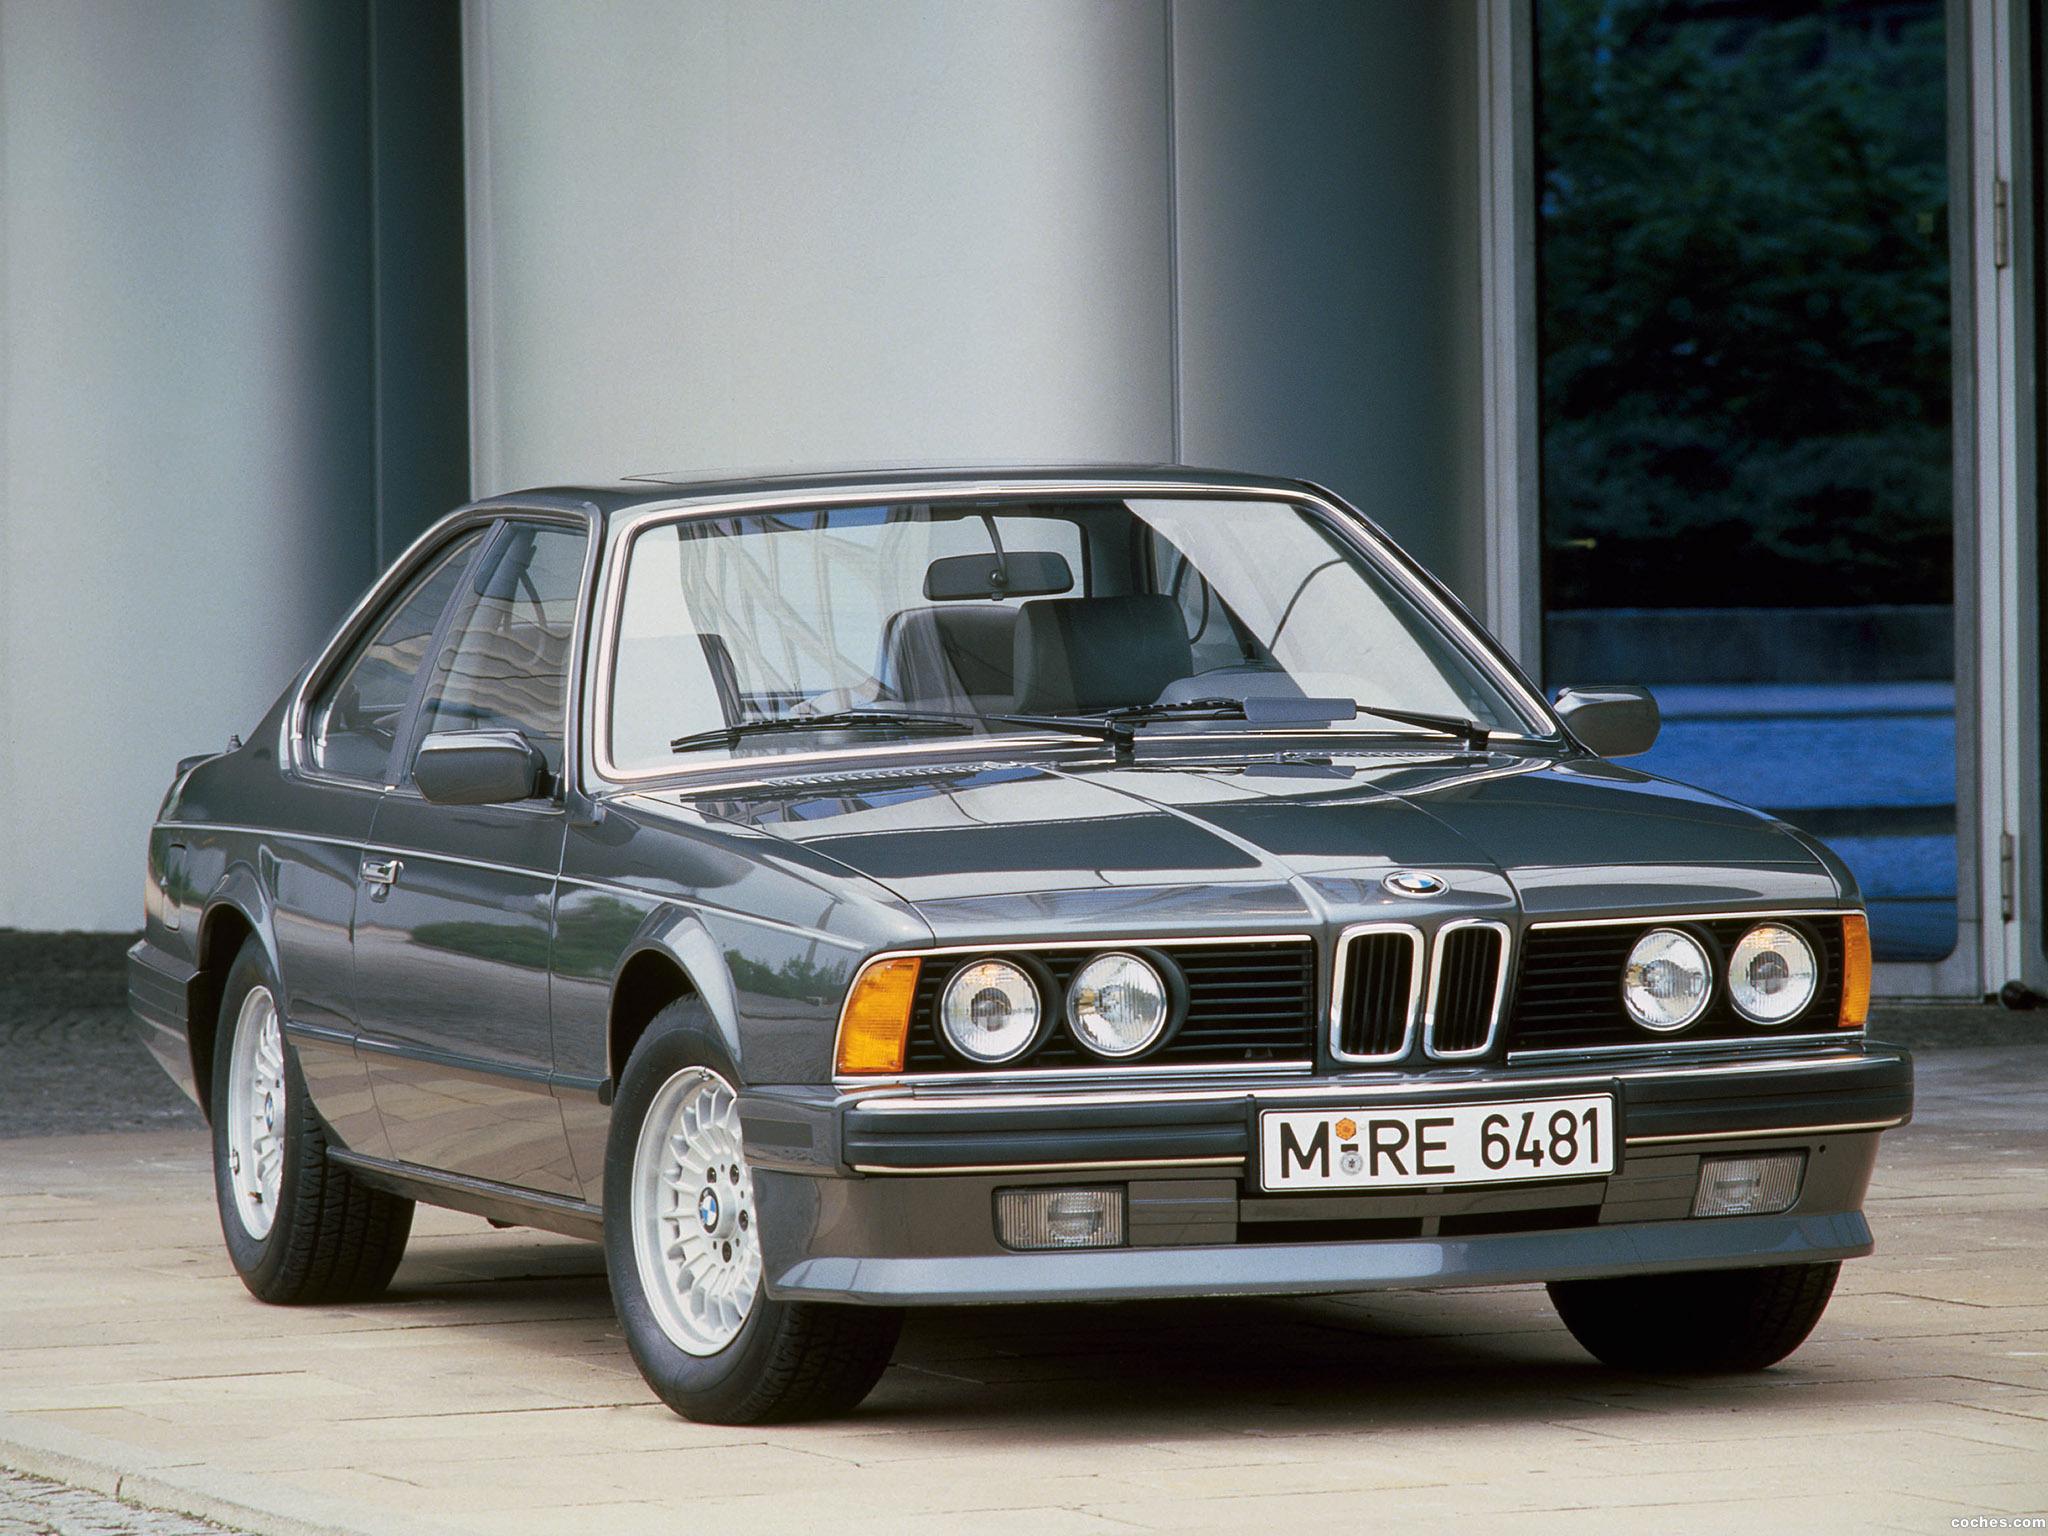 Foto 0 de BMW Serie 6 635csi E24 1987